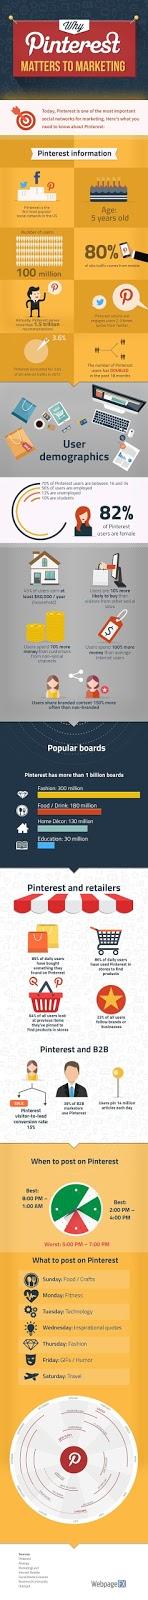 SocialMedia Marketing: Tại sao Pinterest vấn đề cho doanh nghiệp của bạn